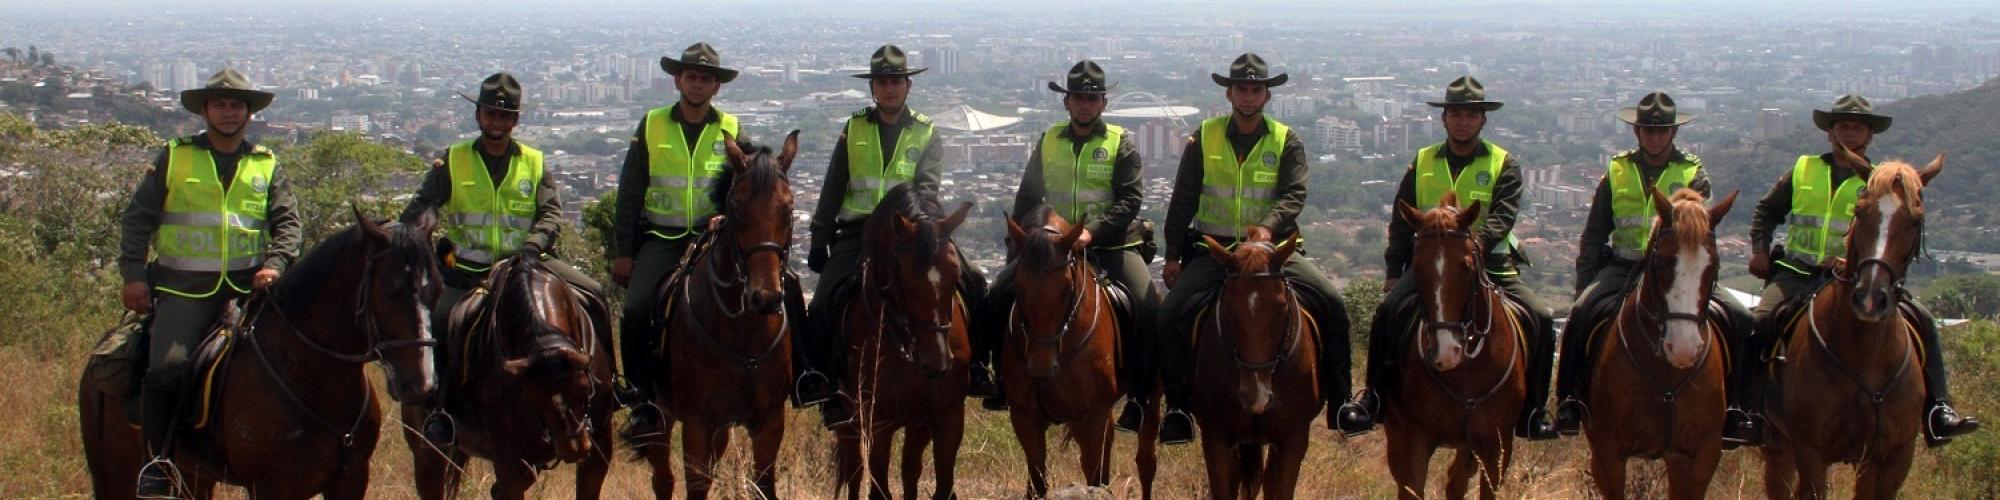 Policía Metropolitana de Santiago de Cali - MECAL